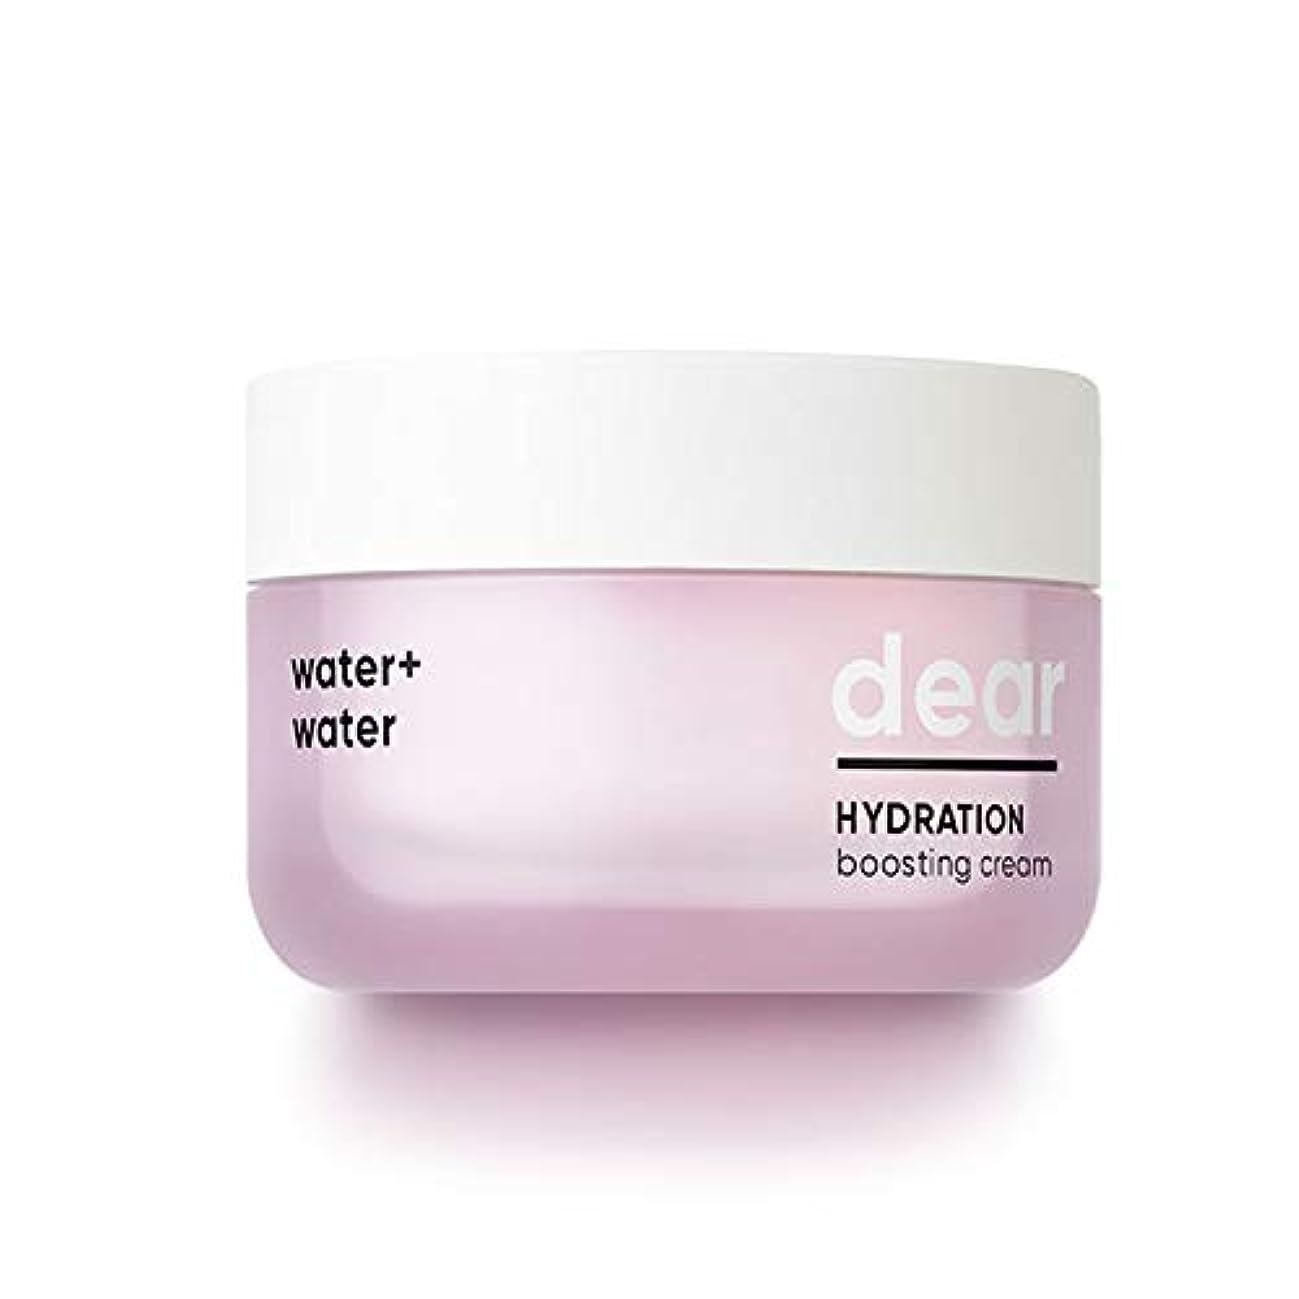 マサッチョ非難する断線BANILA CO(バニラコ) ディア ハイドレーション ブースティングクローム Dear Hydration Boosting Cream